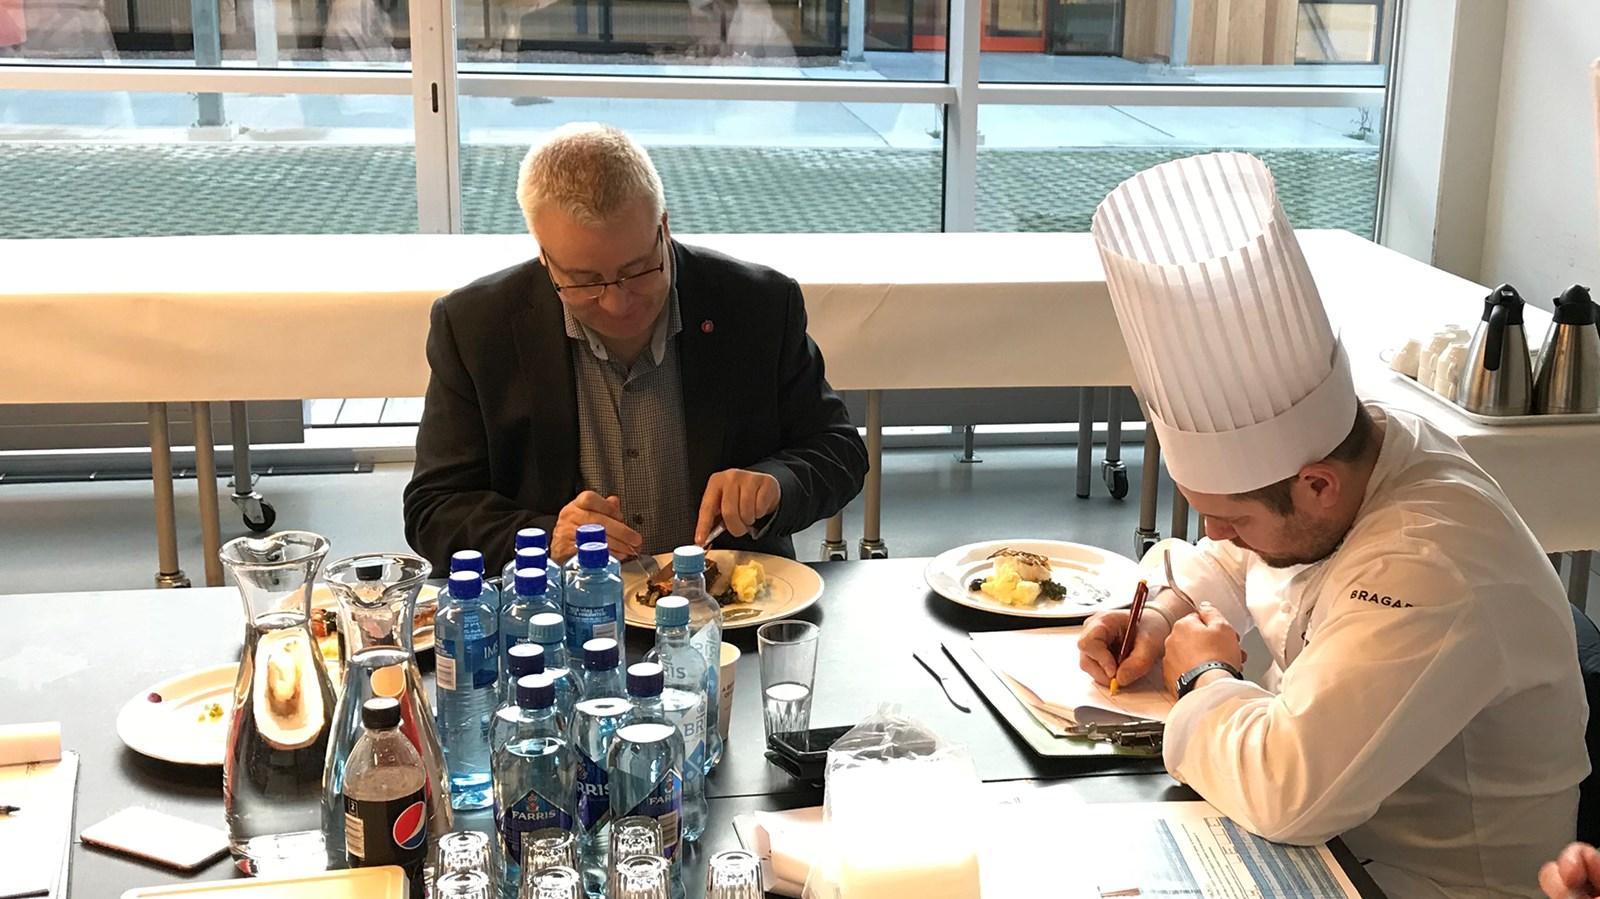 Landbruks- og matminister Bård Hoksrud prøver seg som smaksdommer sammen med Christopher W. Davidsen, som til daglig er kjøkkensjef på Britania Hotel.